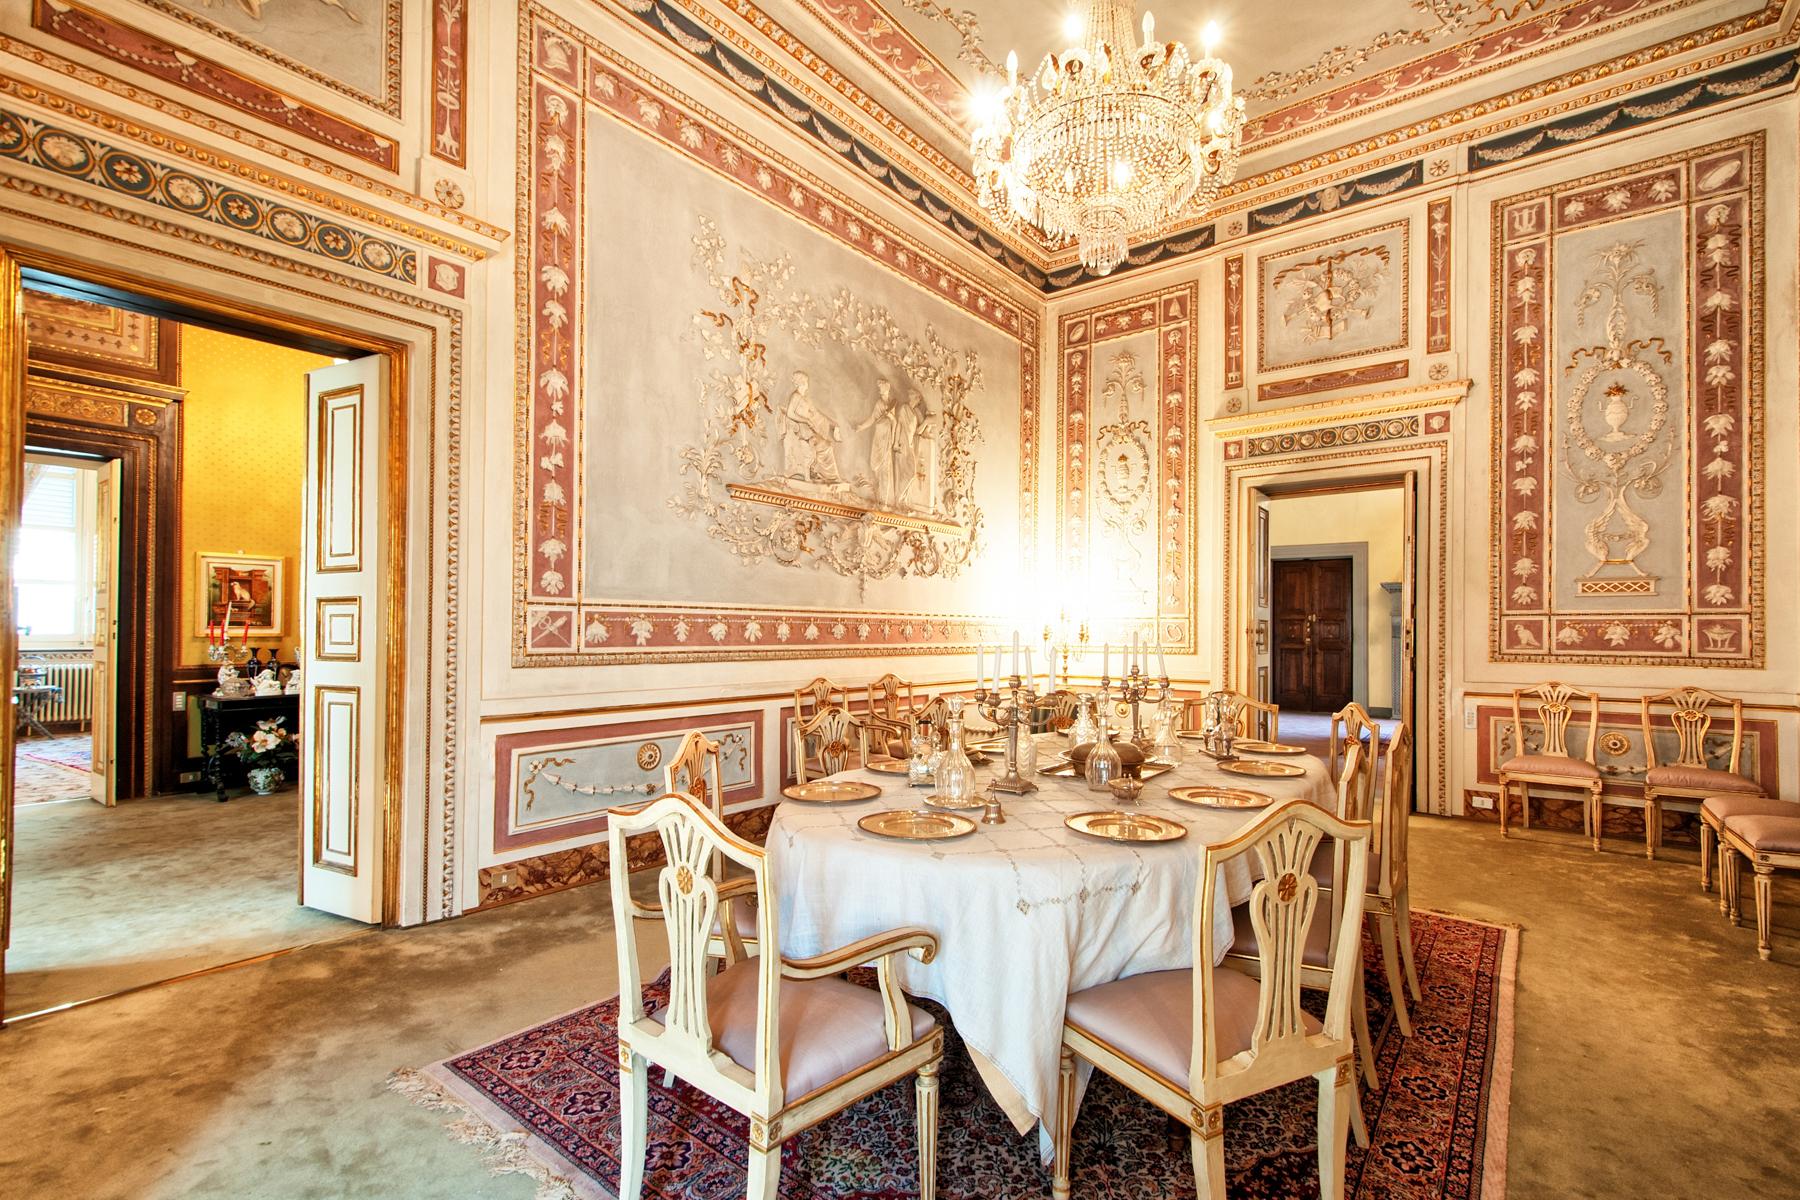 Appartamenti di lusso in vendita a lucca trovocasa pregio for Appartamenti di lusso